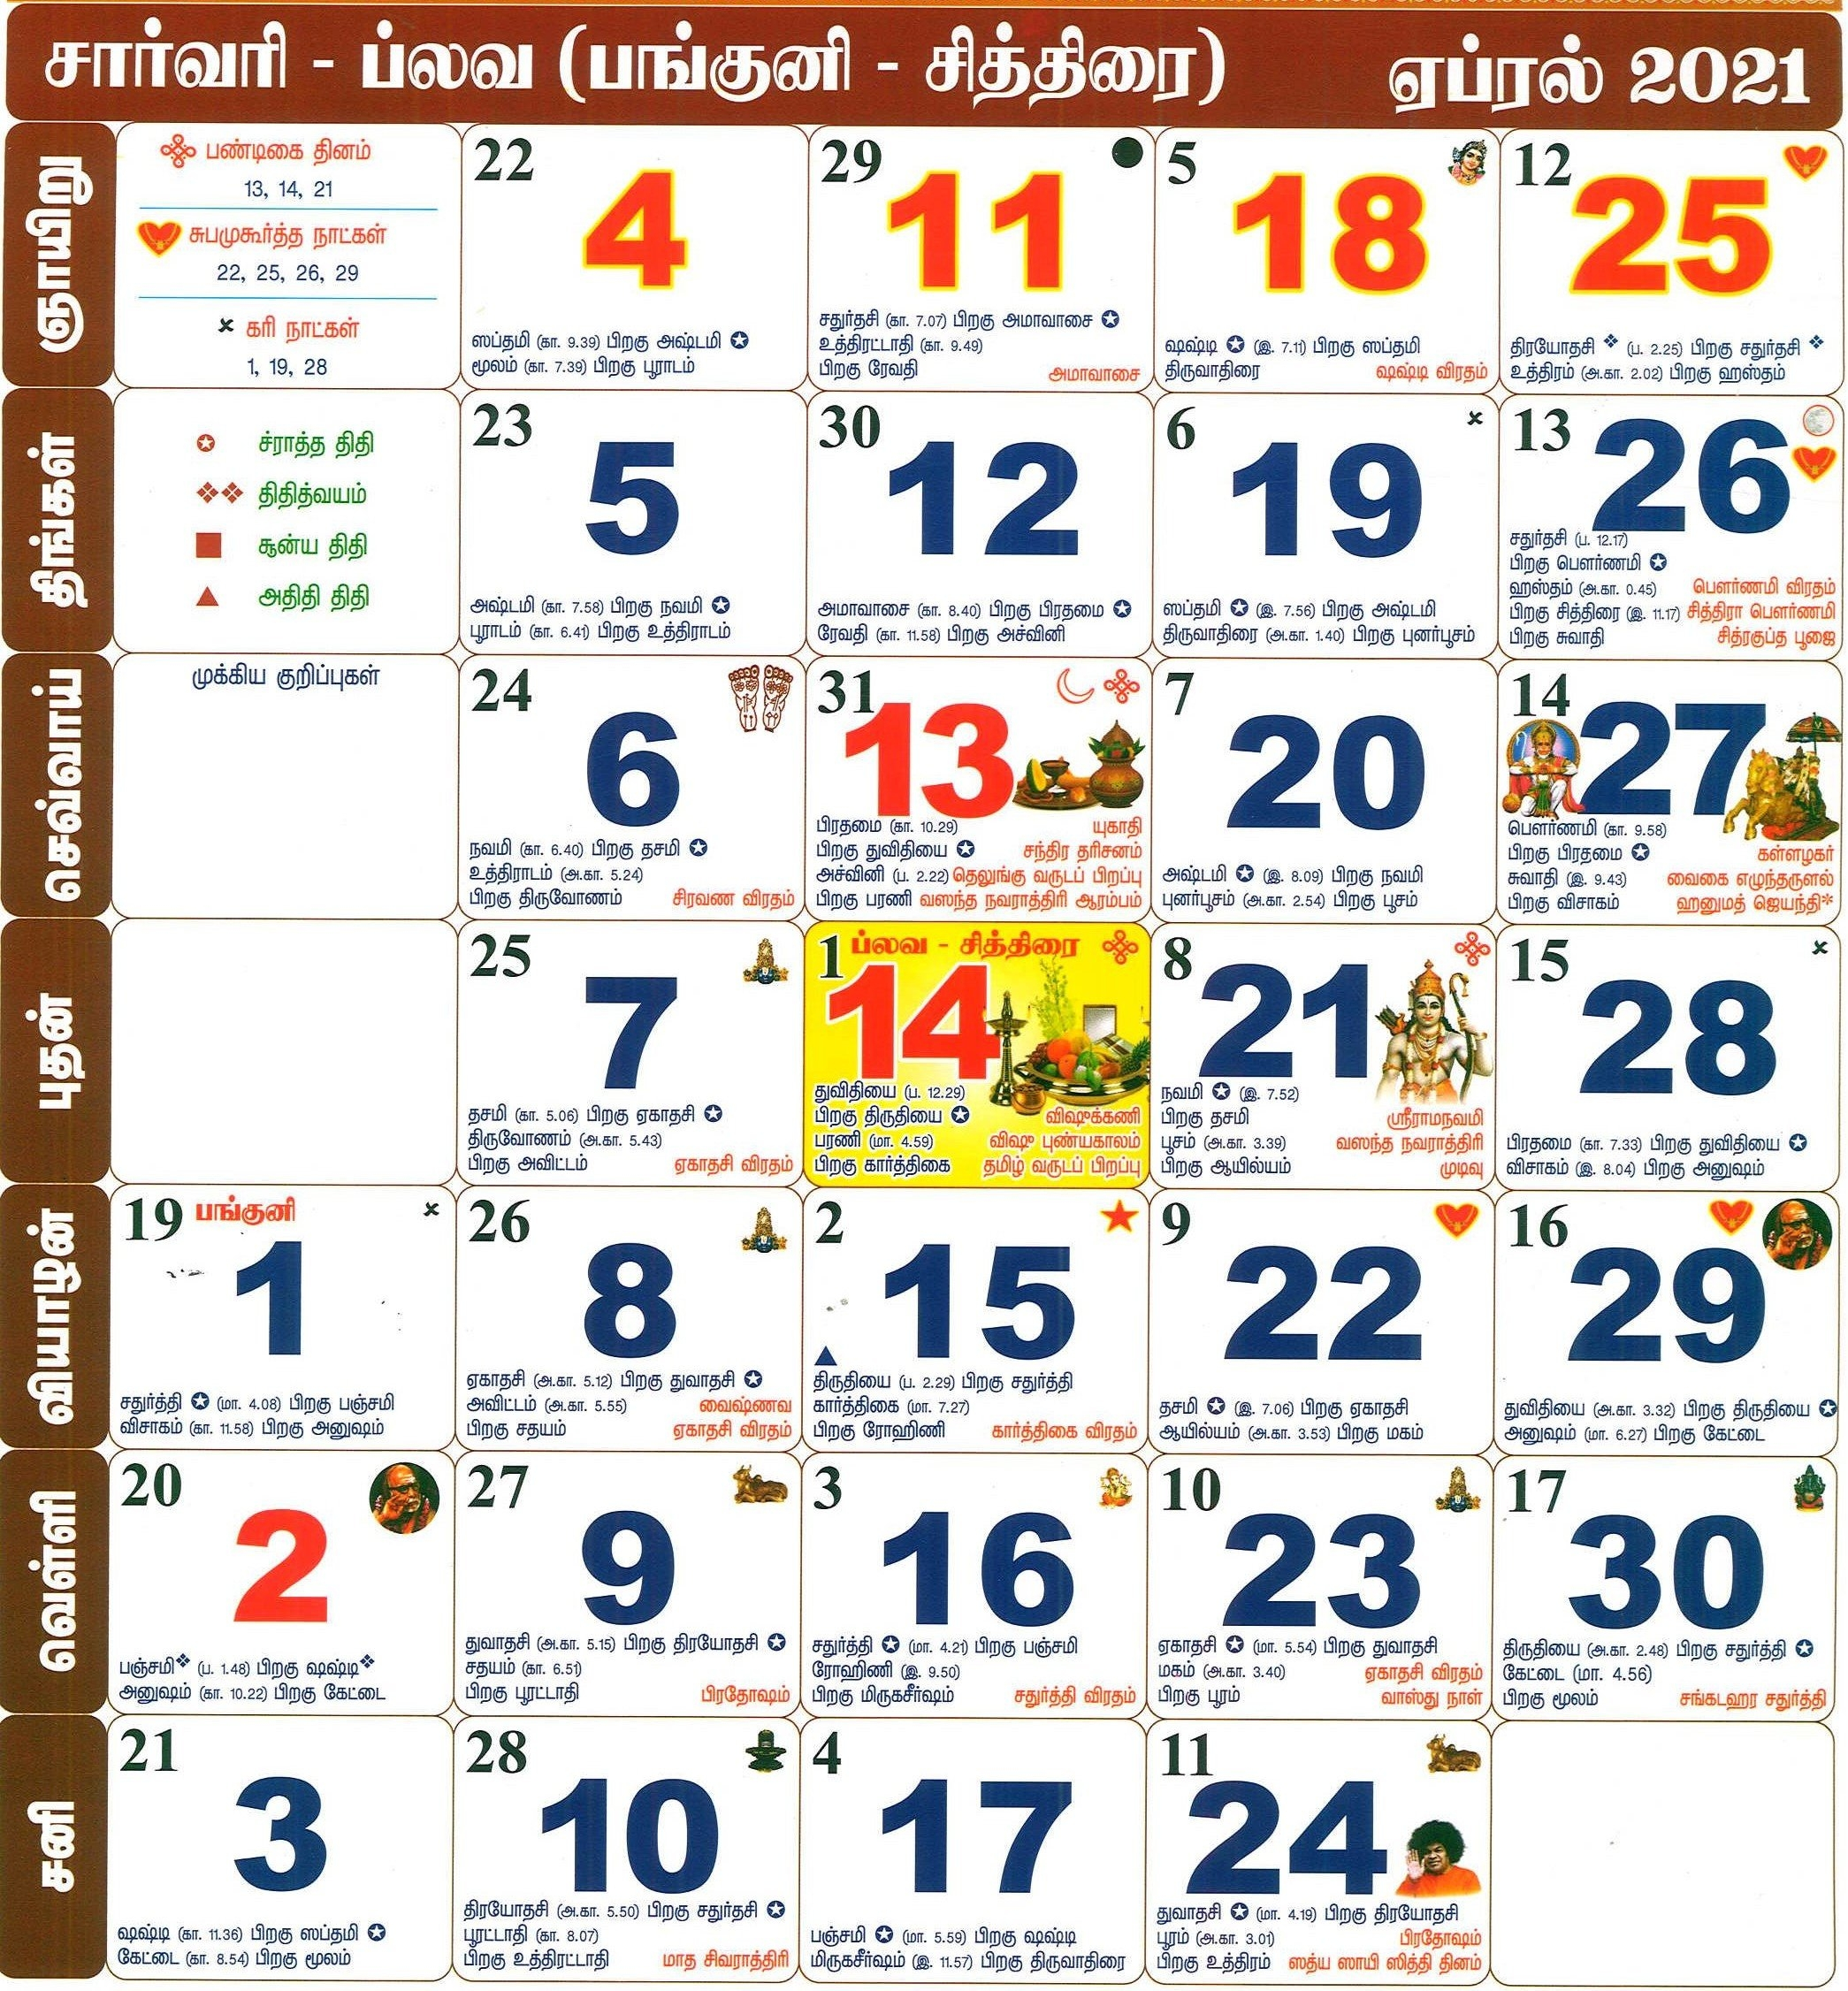 ஏப்ரல் தமிழ் மாத காலண்டர் 2021   தமிழ் மாதம் காலண்டர் ஏப்ரல்   பஞ்சாங்கம் மாத ராசி பலன்கள் within 2021 Tamil Monthly Calendar Pdf For All Months